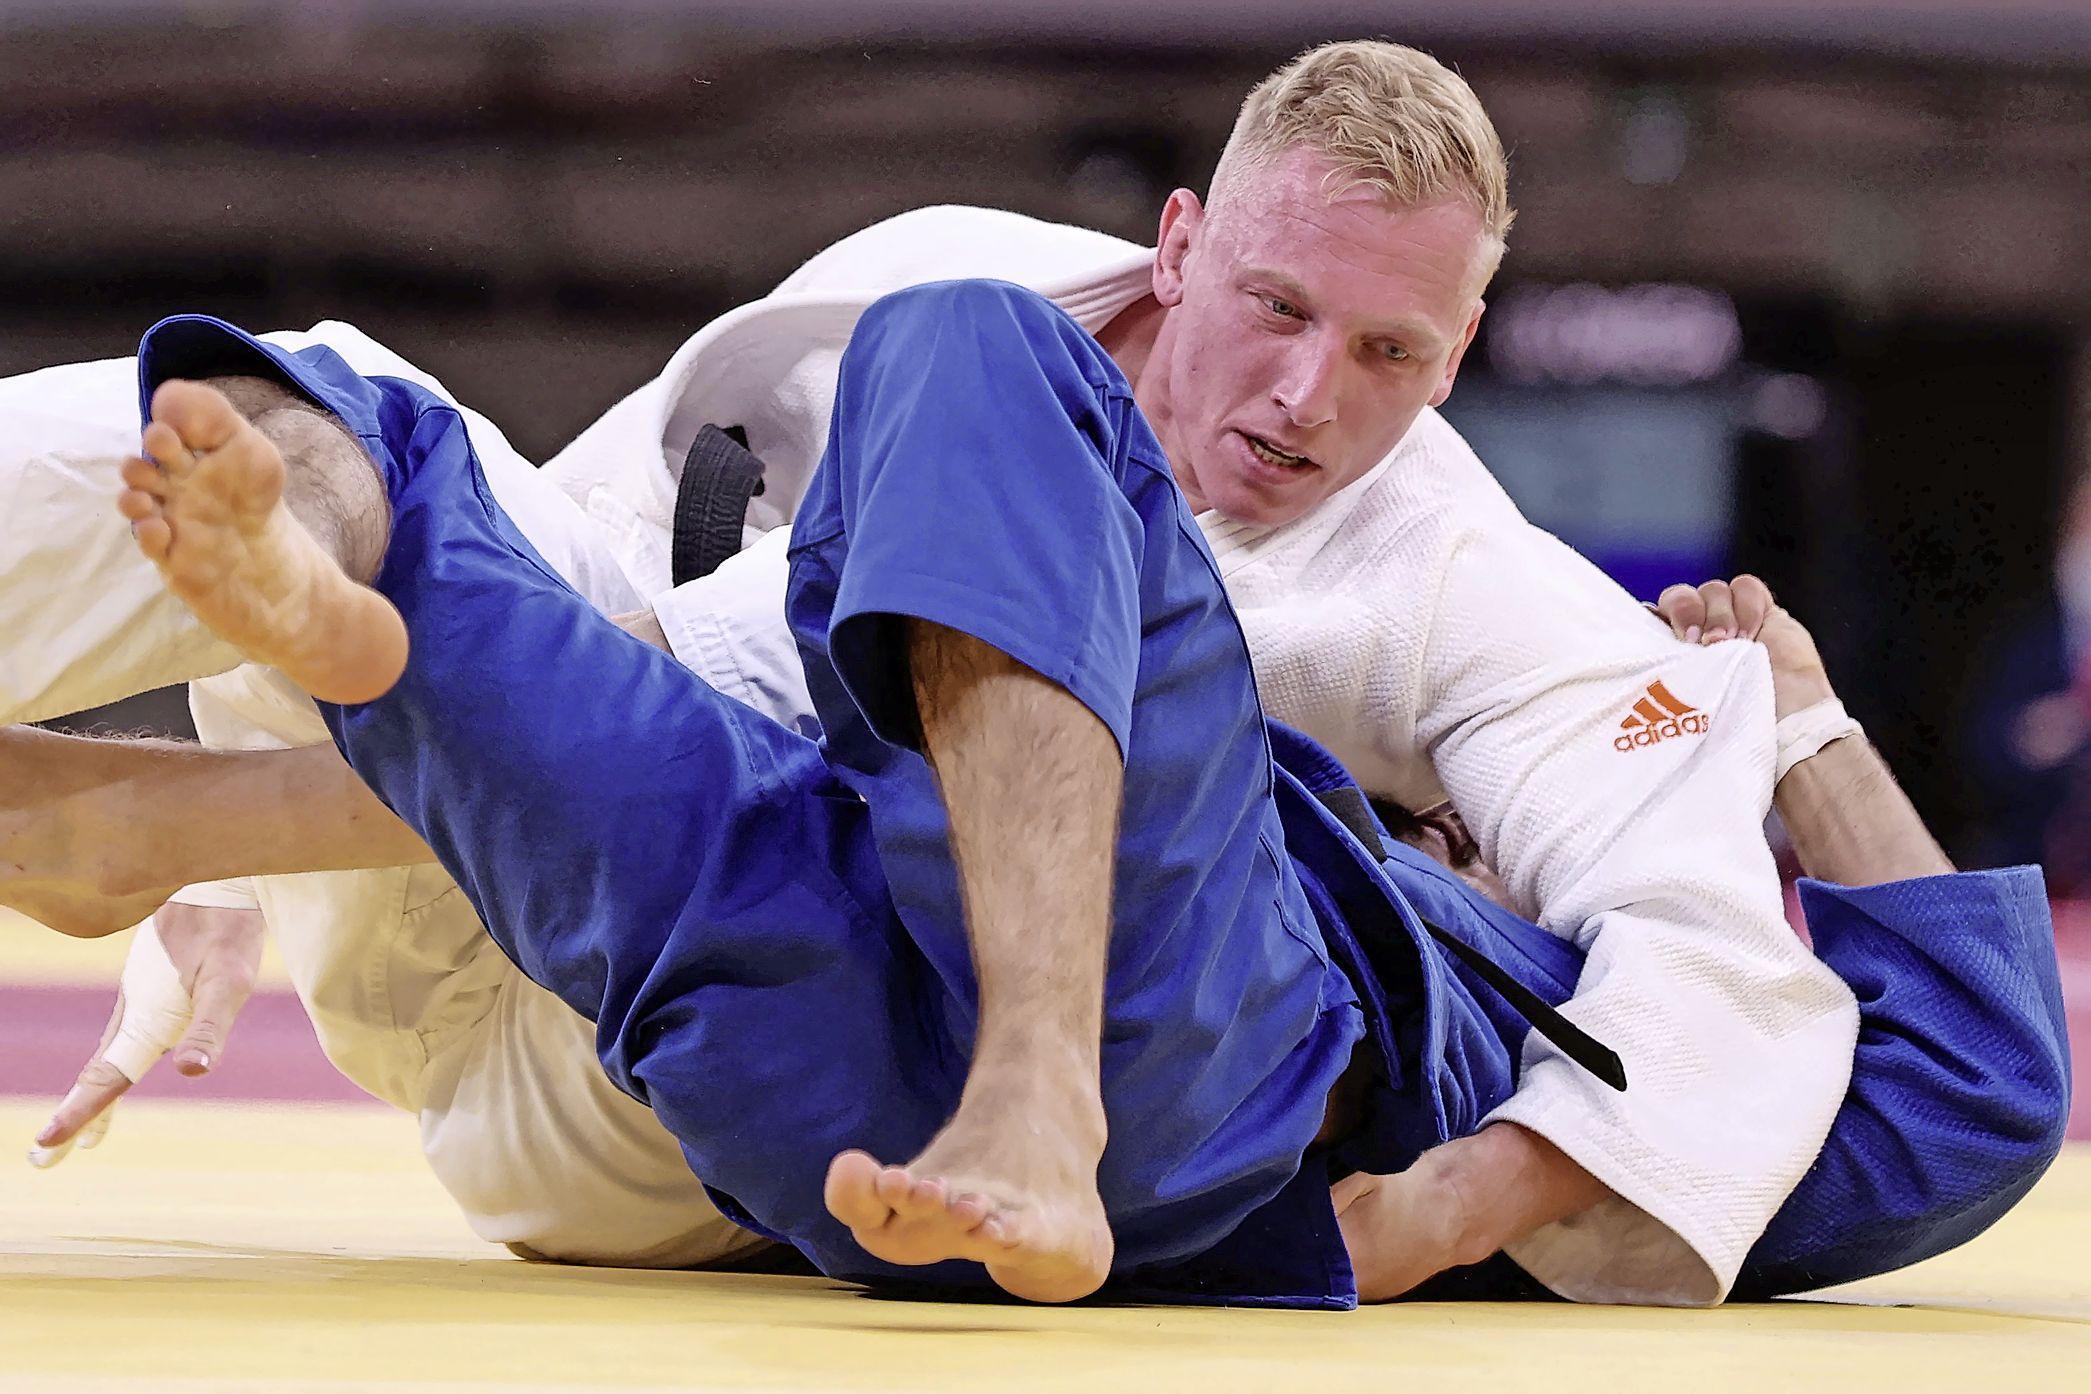 Judoka De Wit uitgeschakeld in klasse tot 81 kilogram